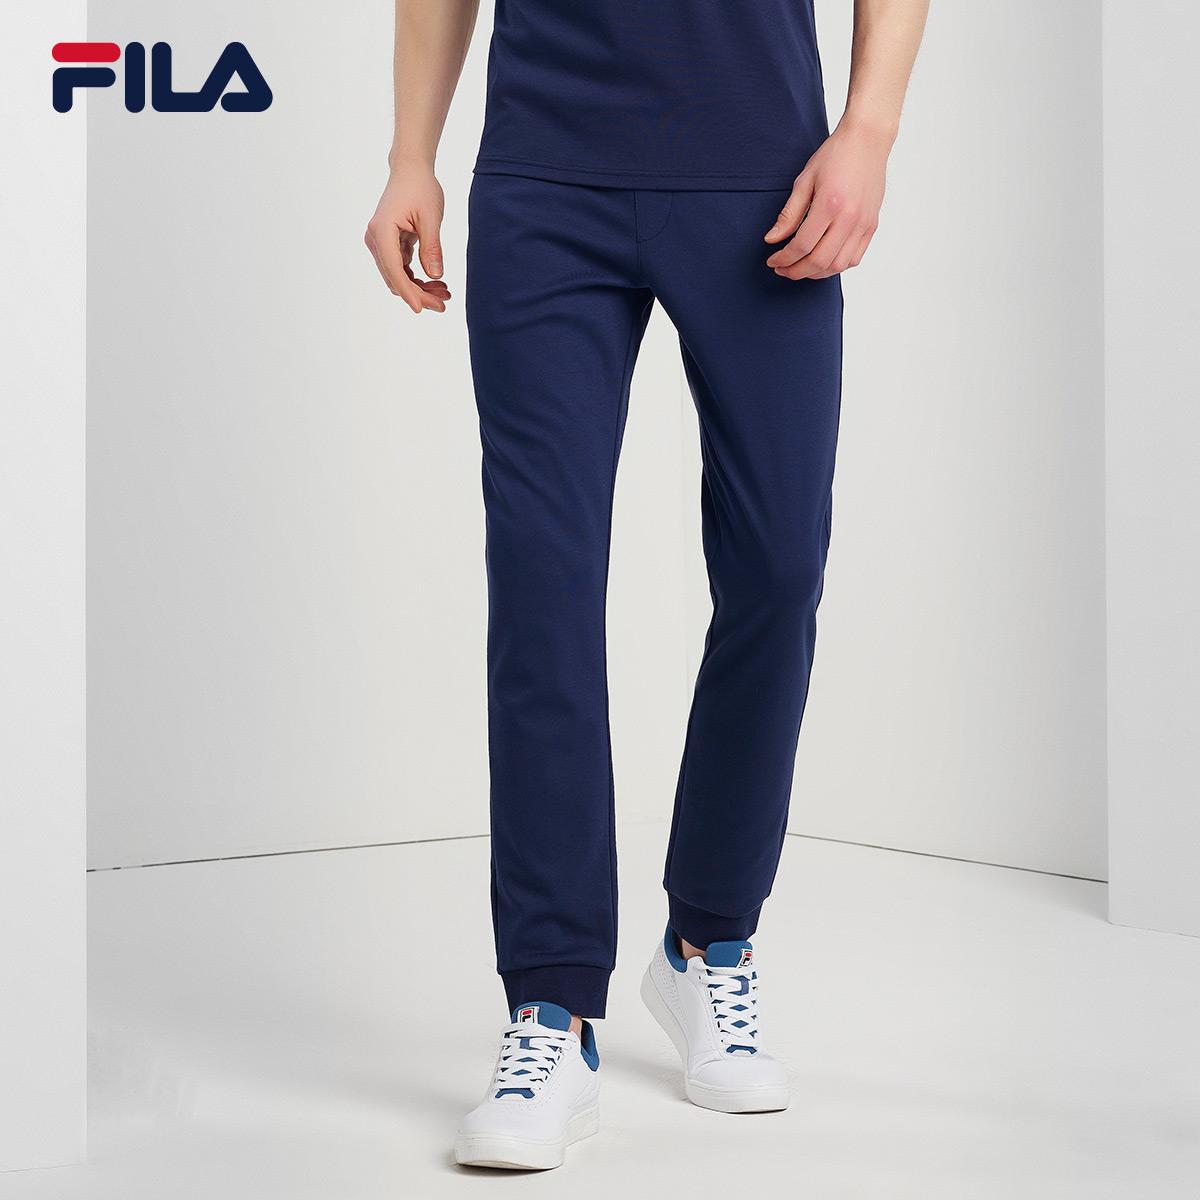 FILA斐乐长裤男裤2018夏季运动长裤针织透气运动裤简约束口裤男裤